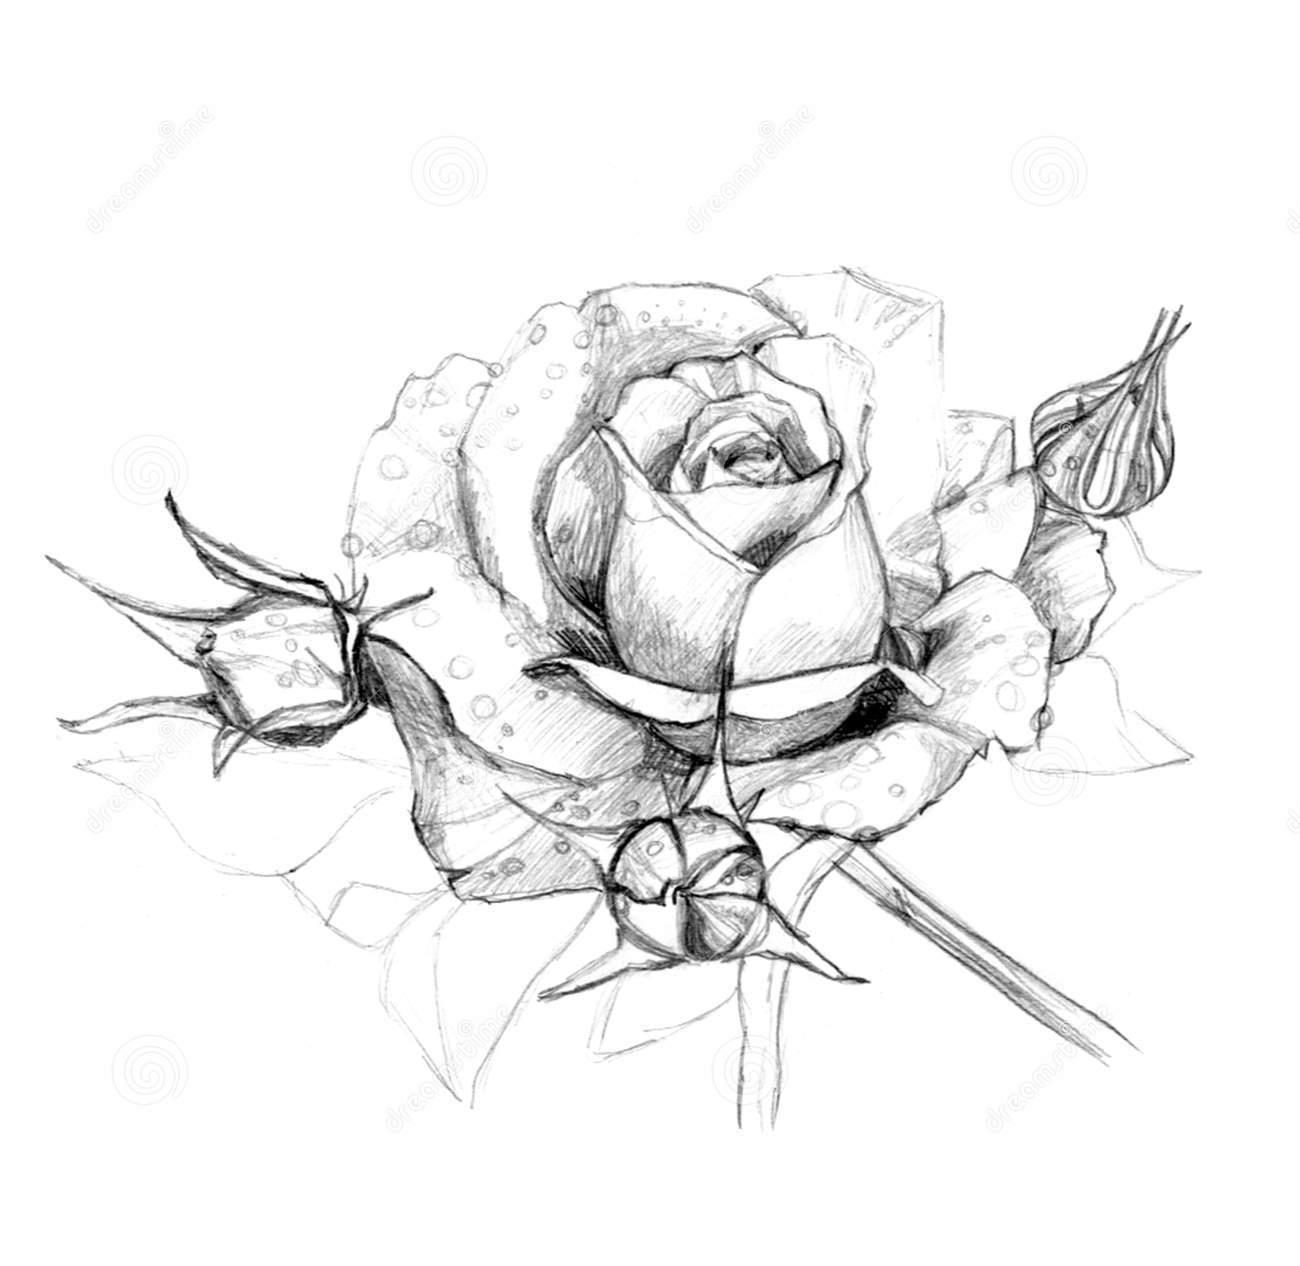 Ảnh vẽ họa tiết hoa hồng bằng bút chì ấn tượng nhất